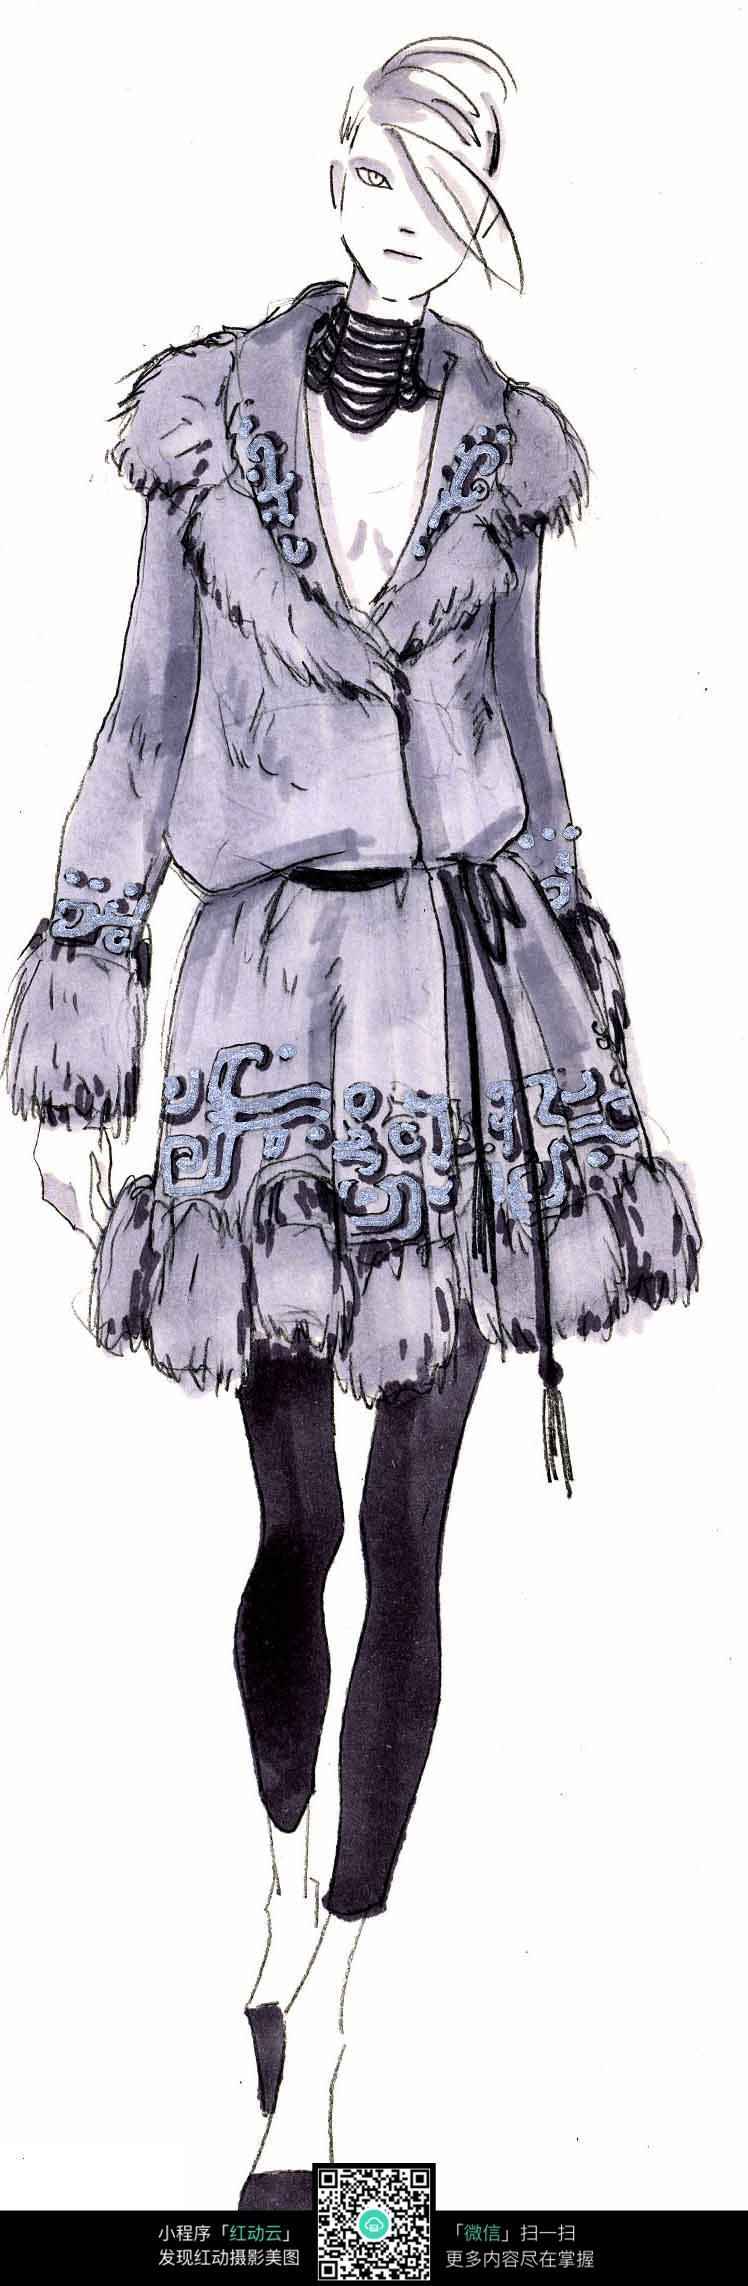 大衣时装设计手绘